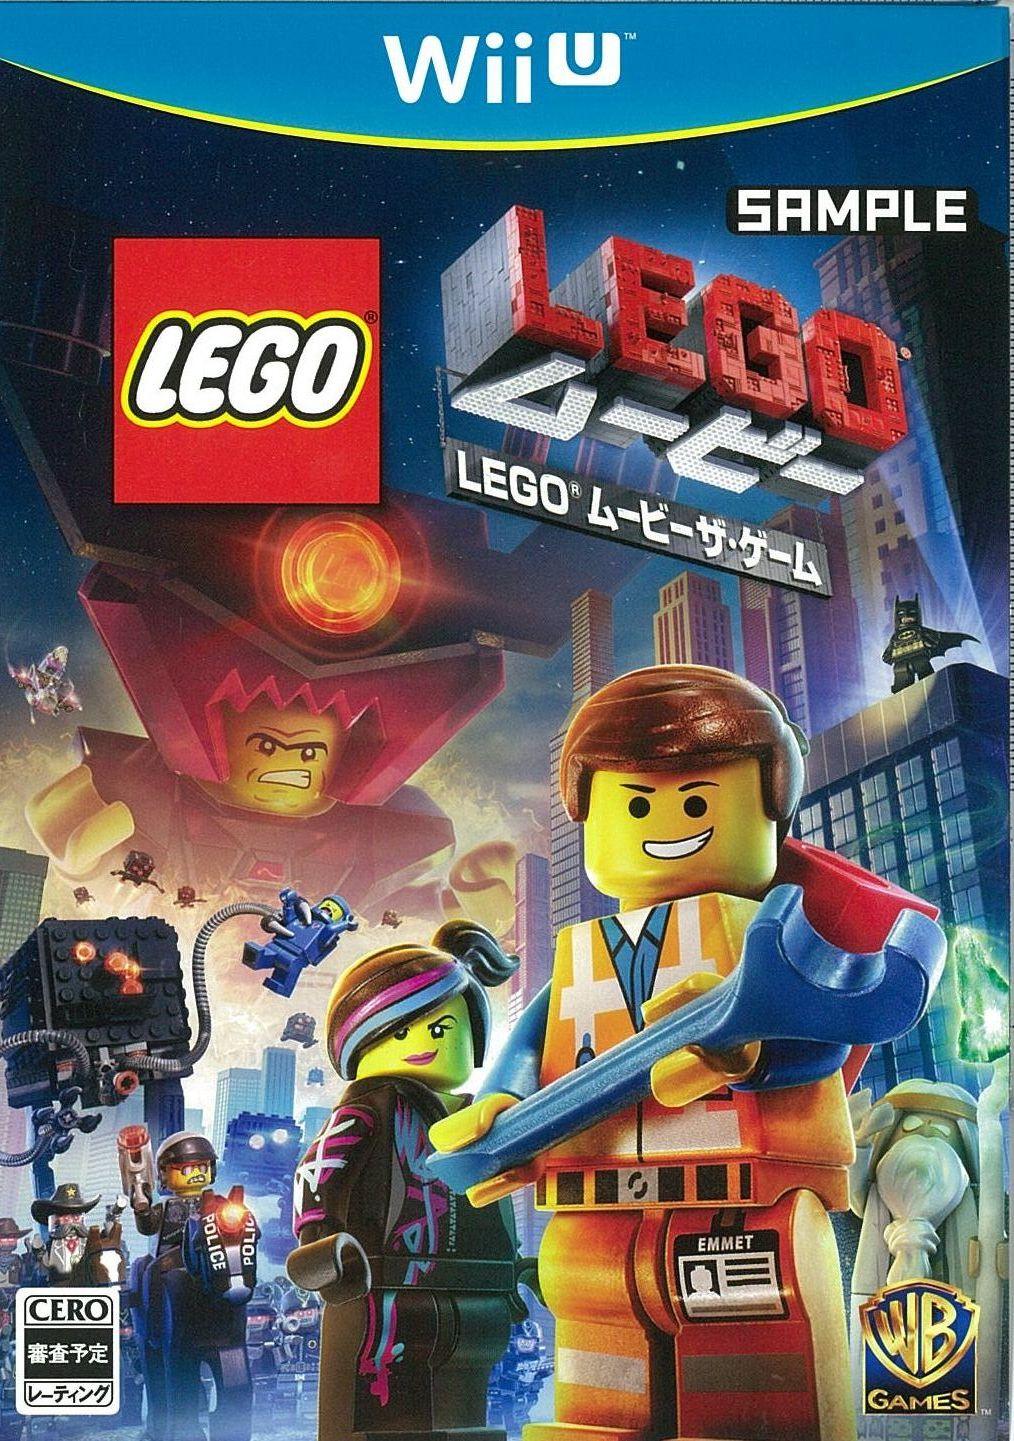 LEGO ムービー ザ・ゲーム [WiiU版]